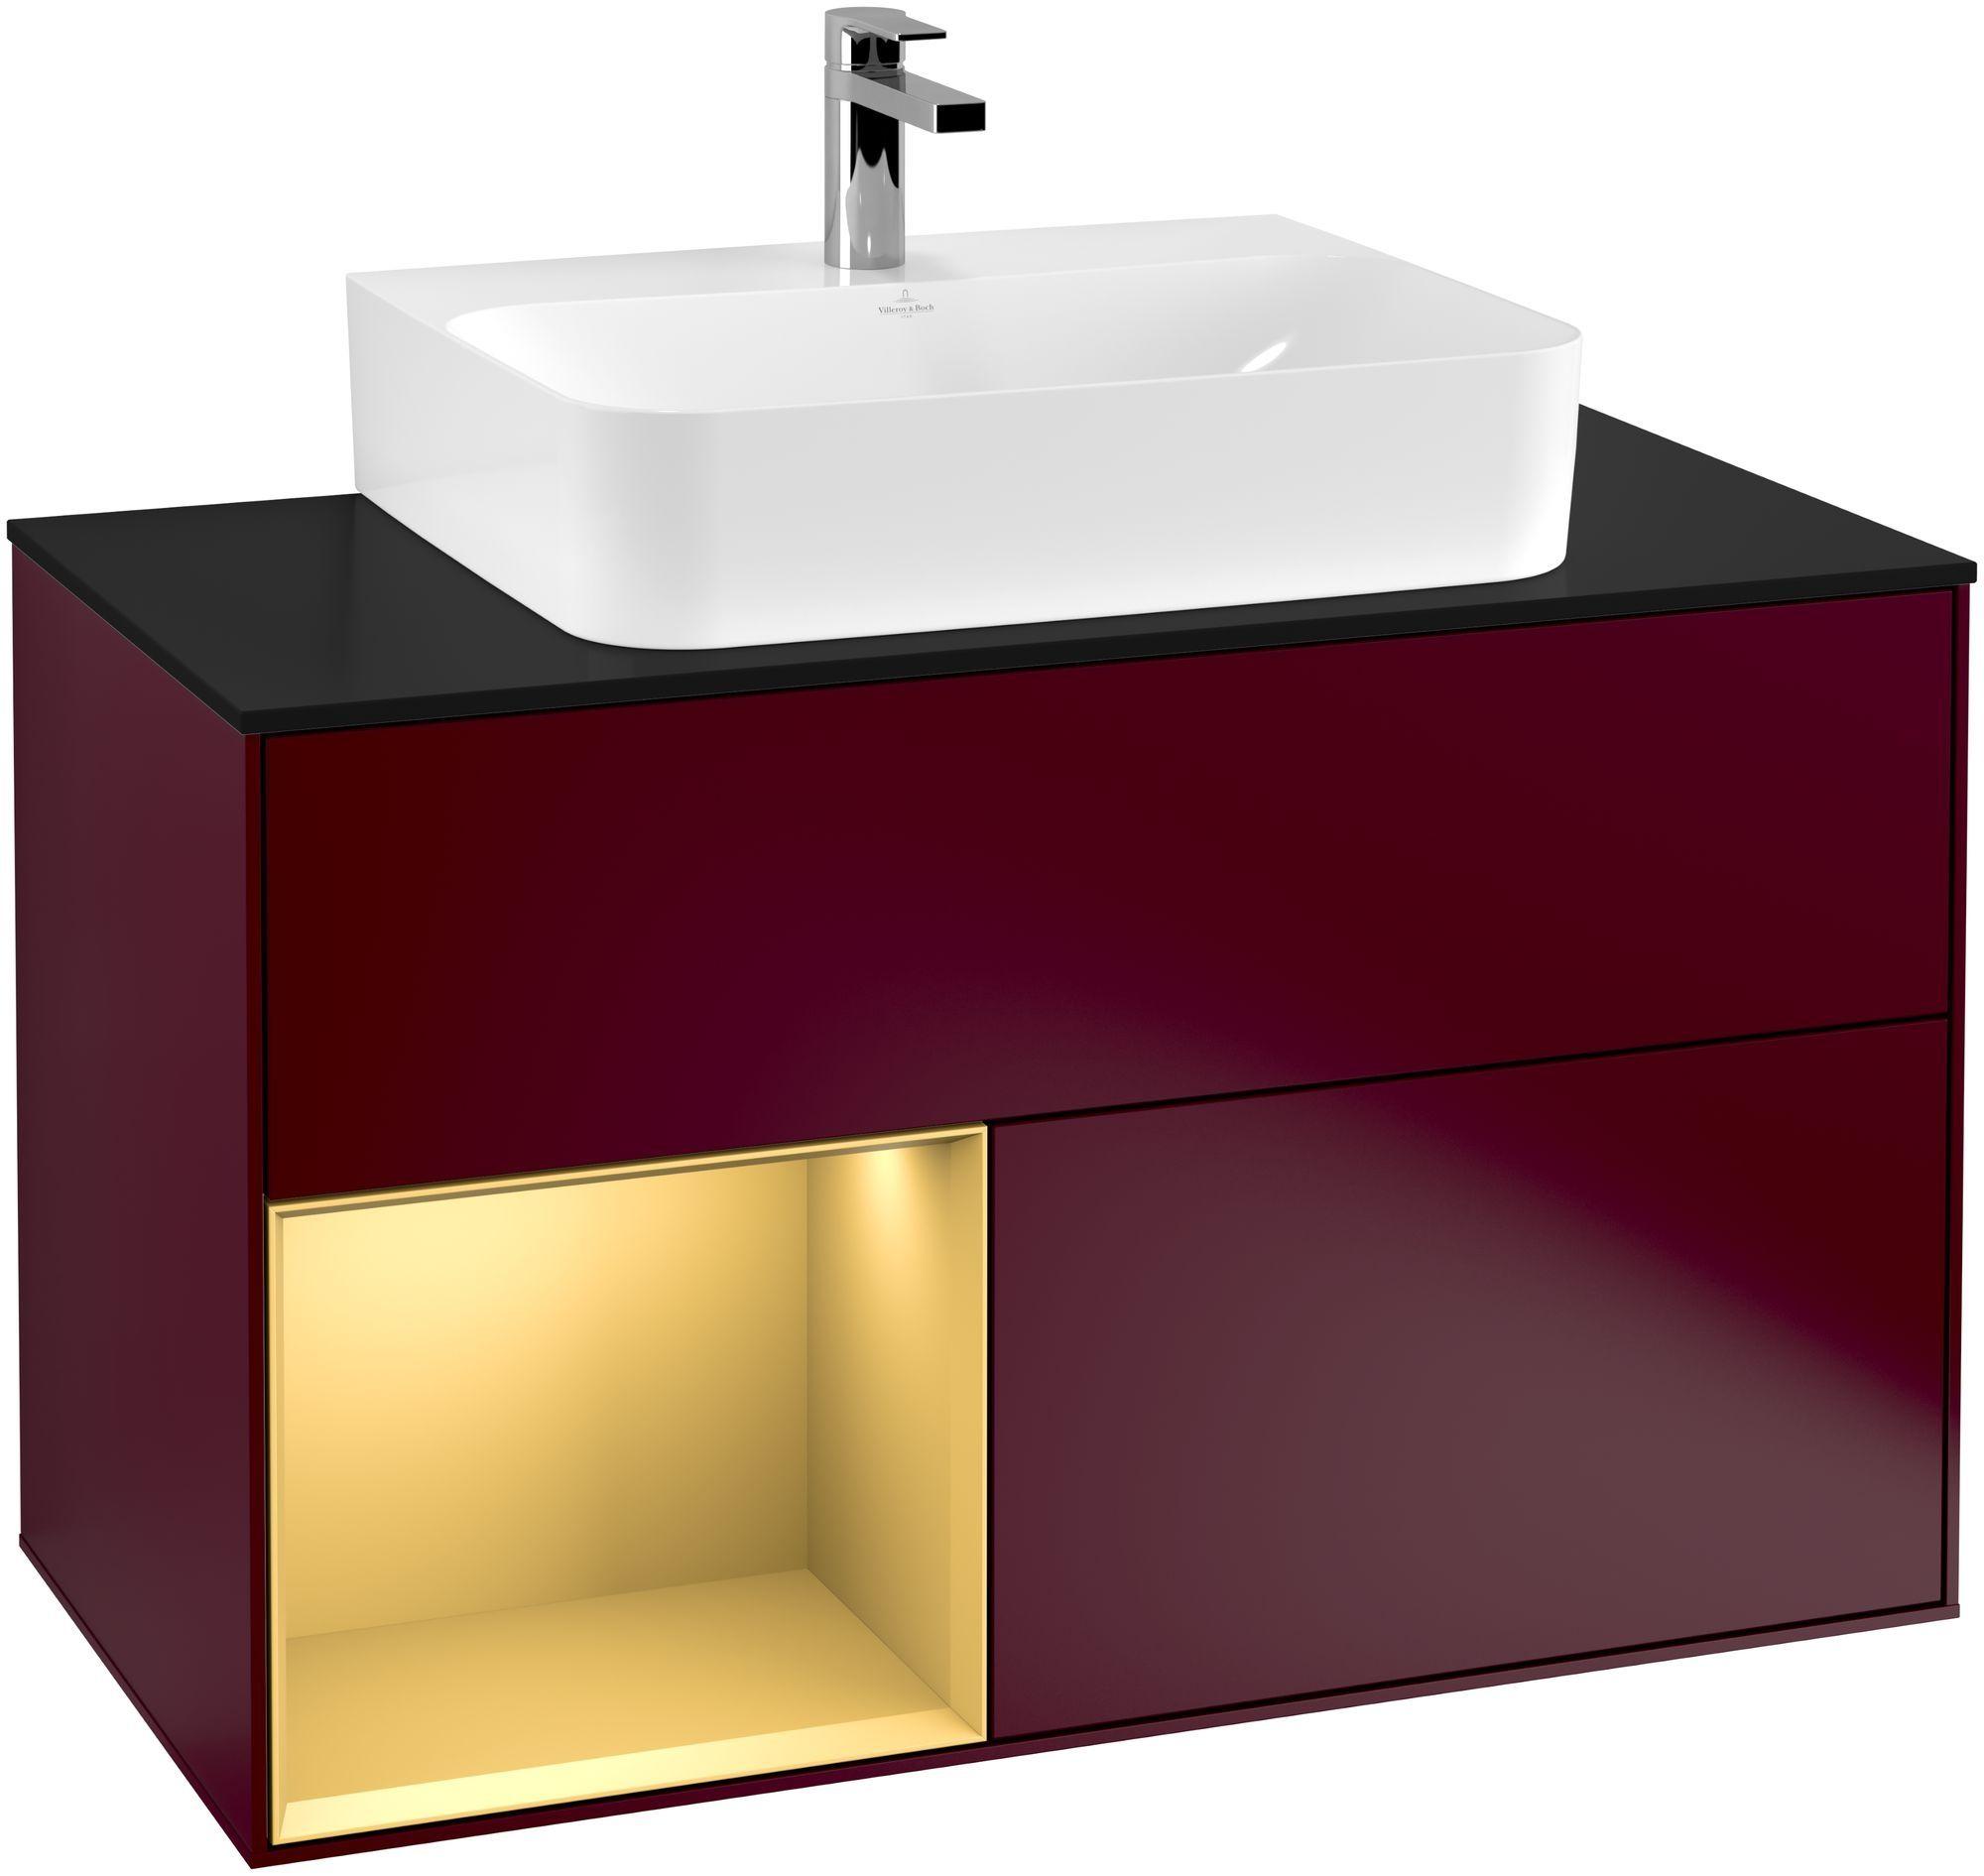 Villeroy & Boch Finion F11 Waschtischunterschrank mit Regalelement 2 Auszüge für WT mittig LED-Beleuchtung B:100xH:60,3xT:50,1cm Front, Korpus: Peony, Regal: Gold Matt, Glasplatte: Black Matt F112HFHB